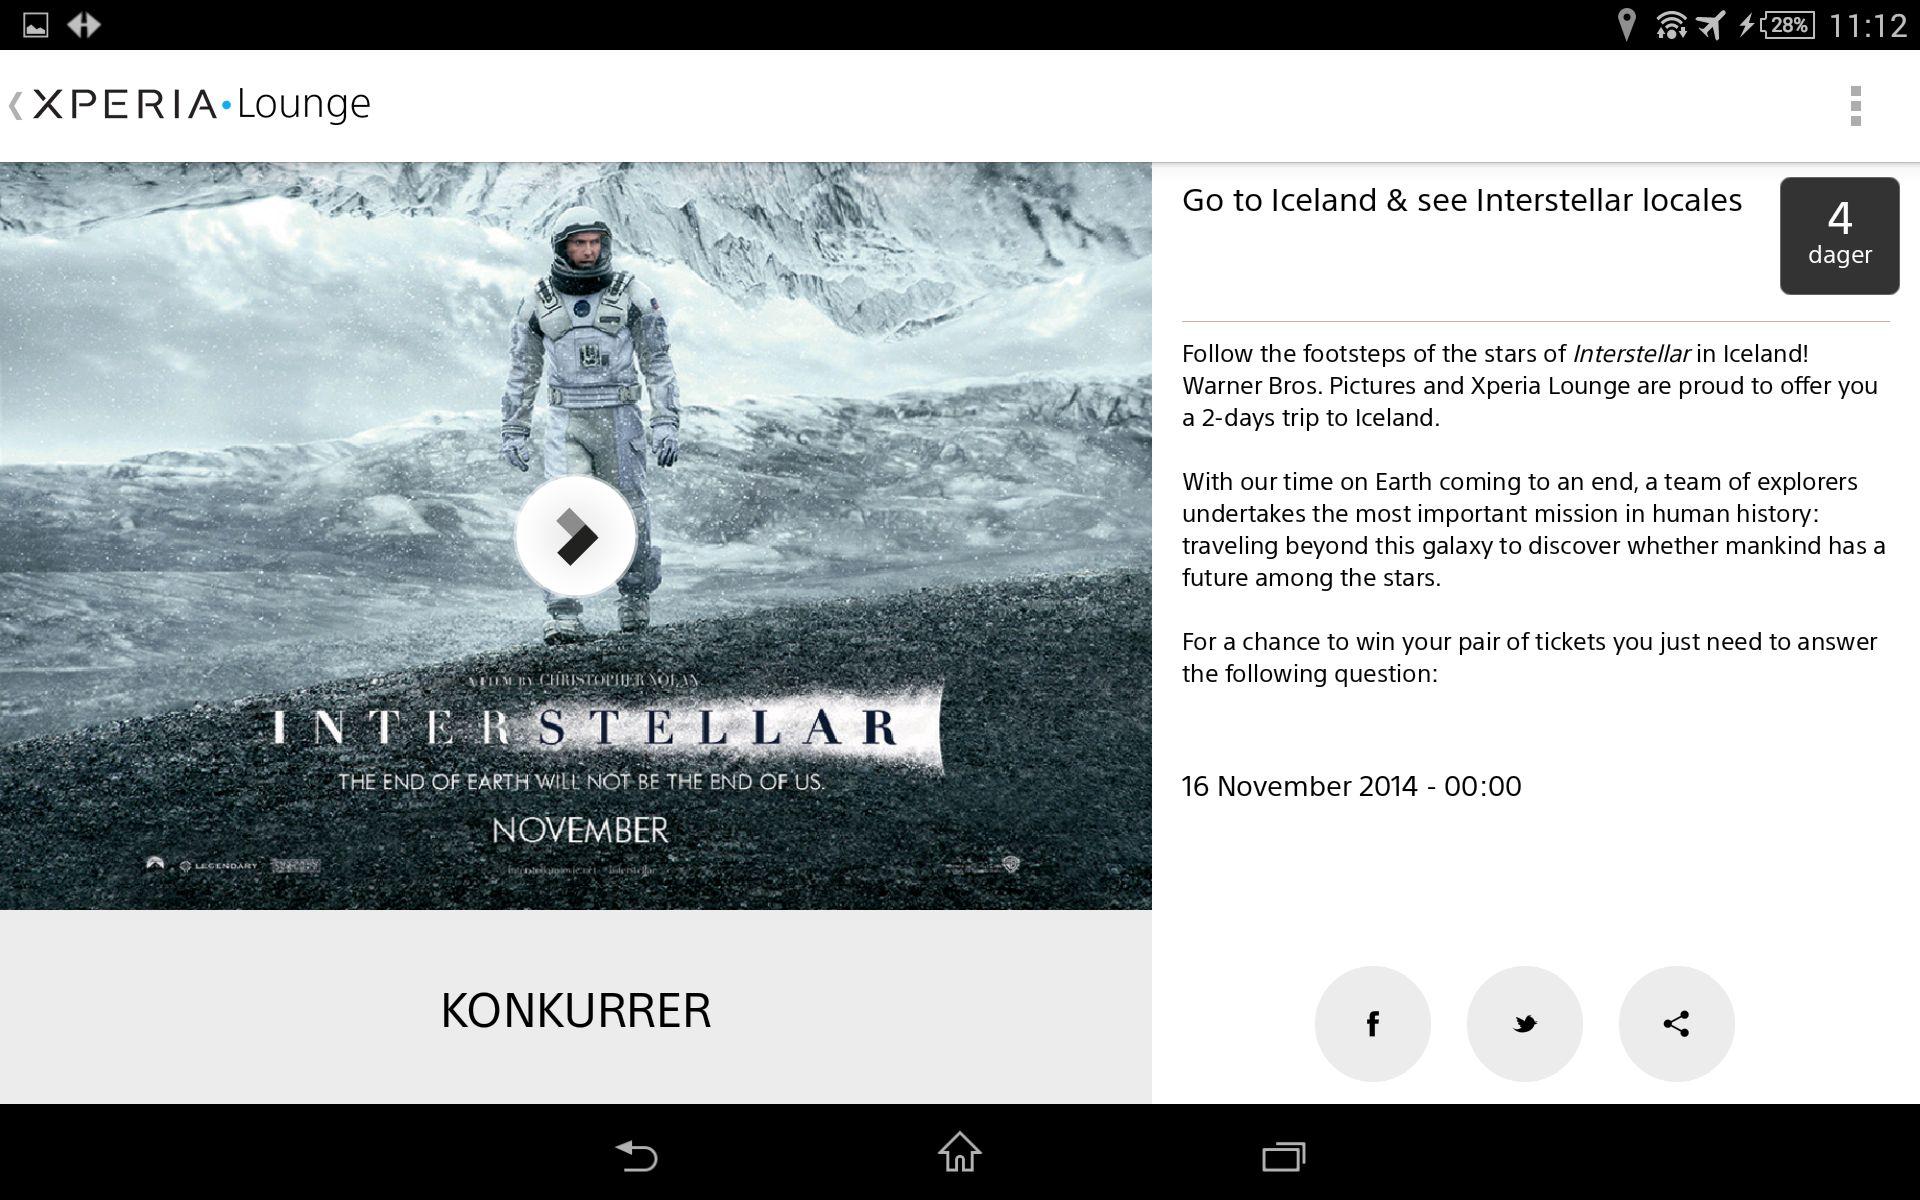 Åpne Xperia Lounge, svar på følgende spørsmål, og du kan vinne todagerstur til Island for å se stedene der filmen Interstellar er filmet. Hvilket spørsmål, Sony?